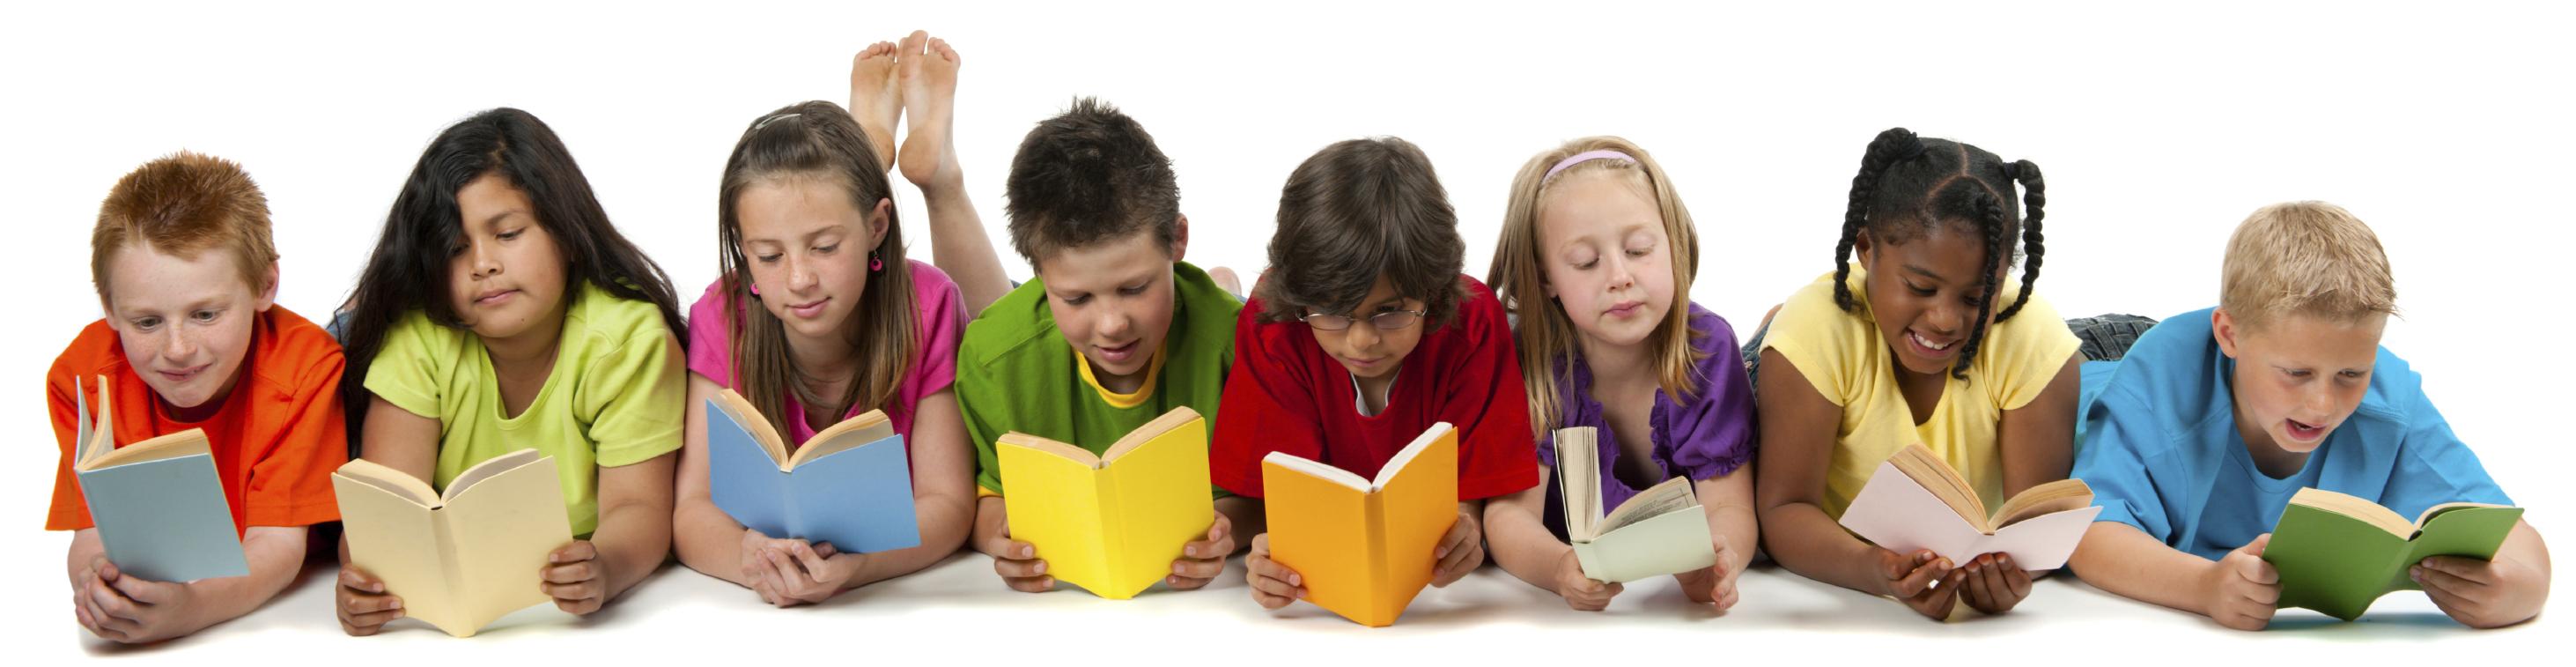 Escola de Coaching ECIT | Curso de Coaching para Educadores